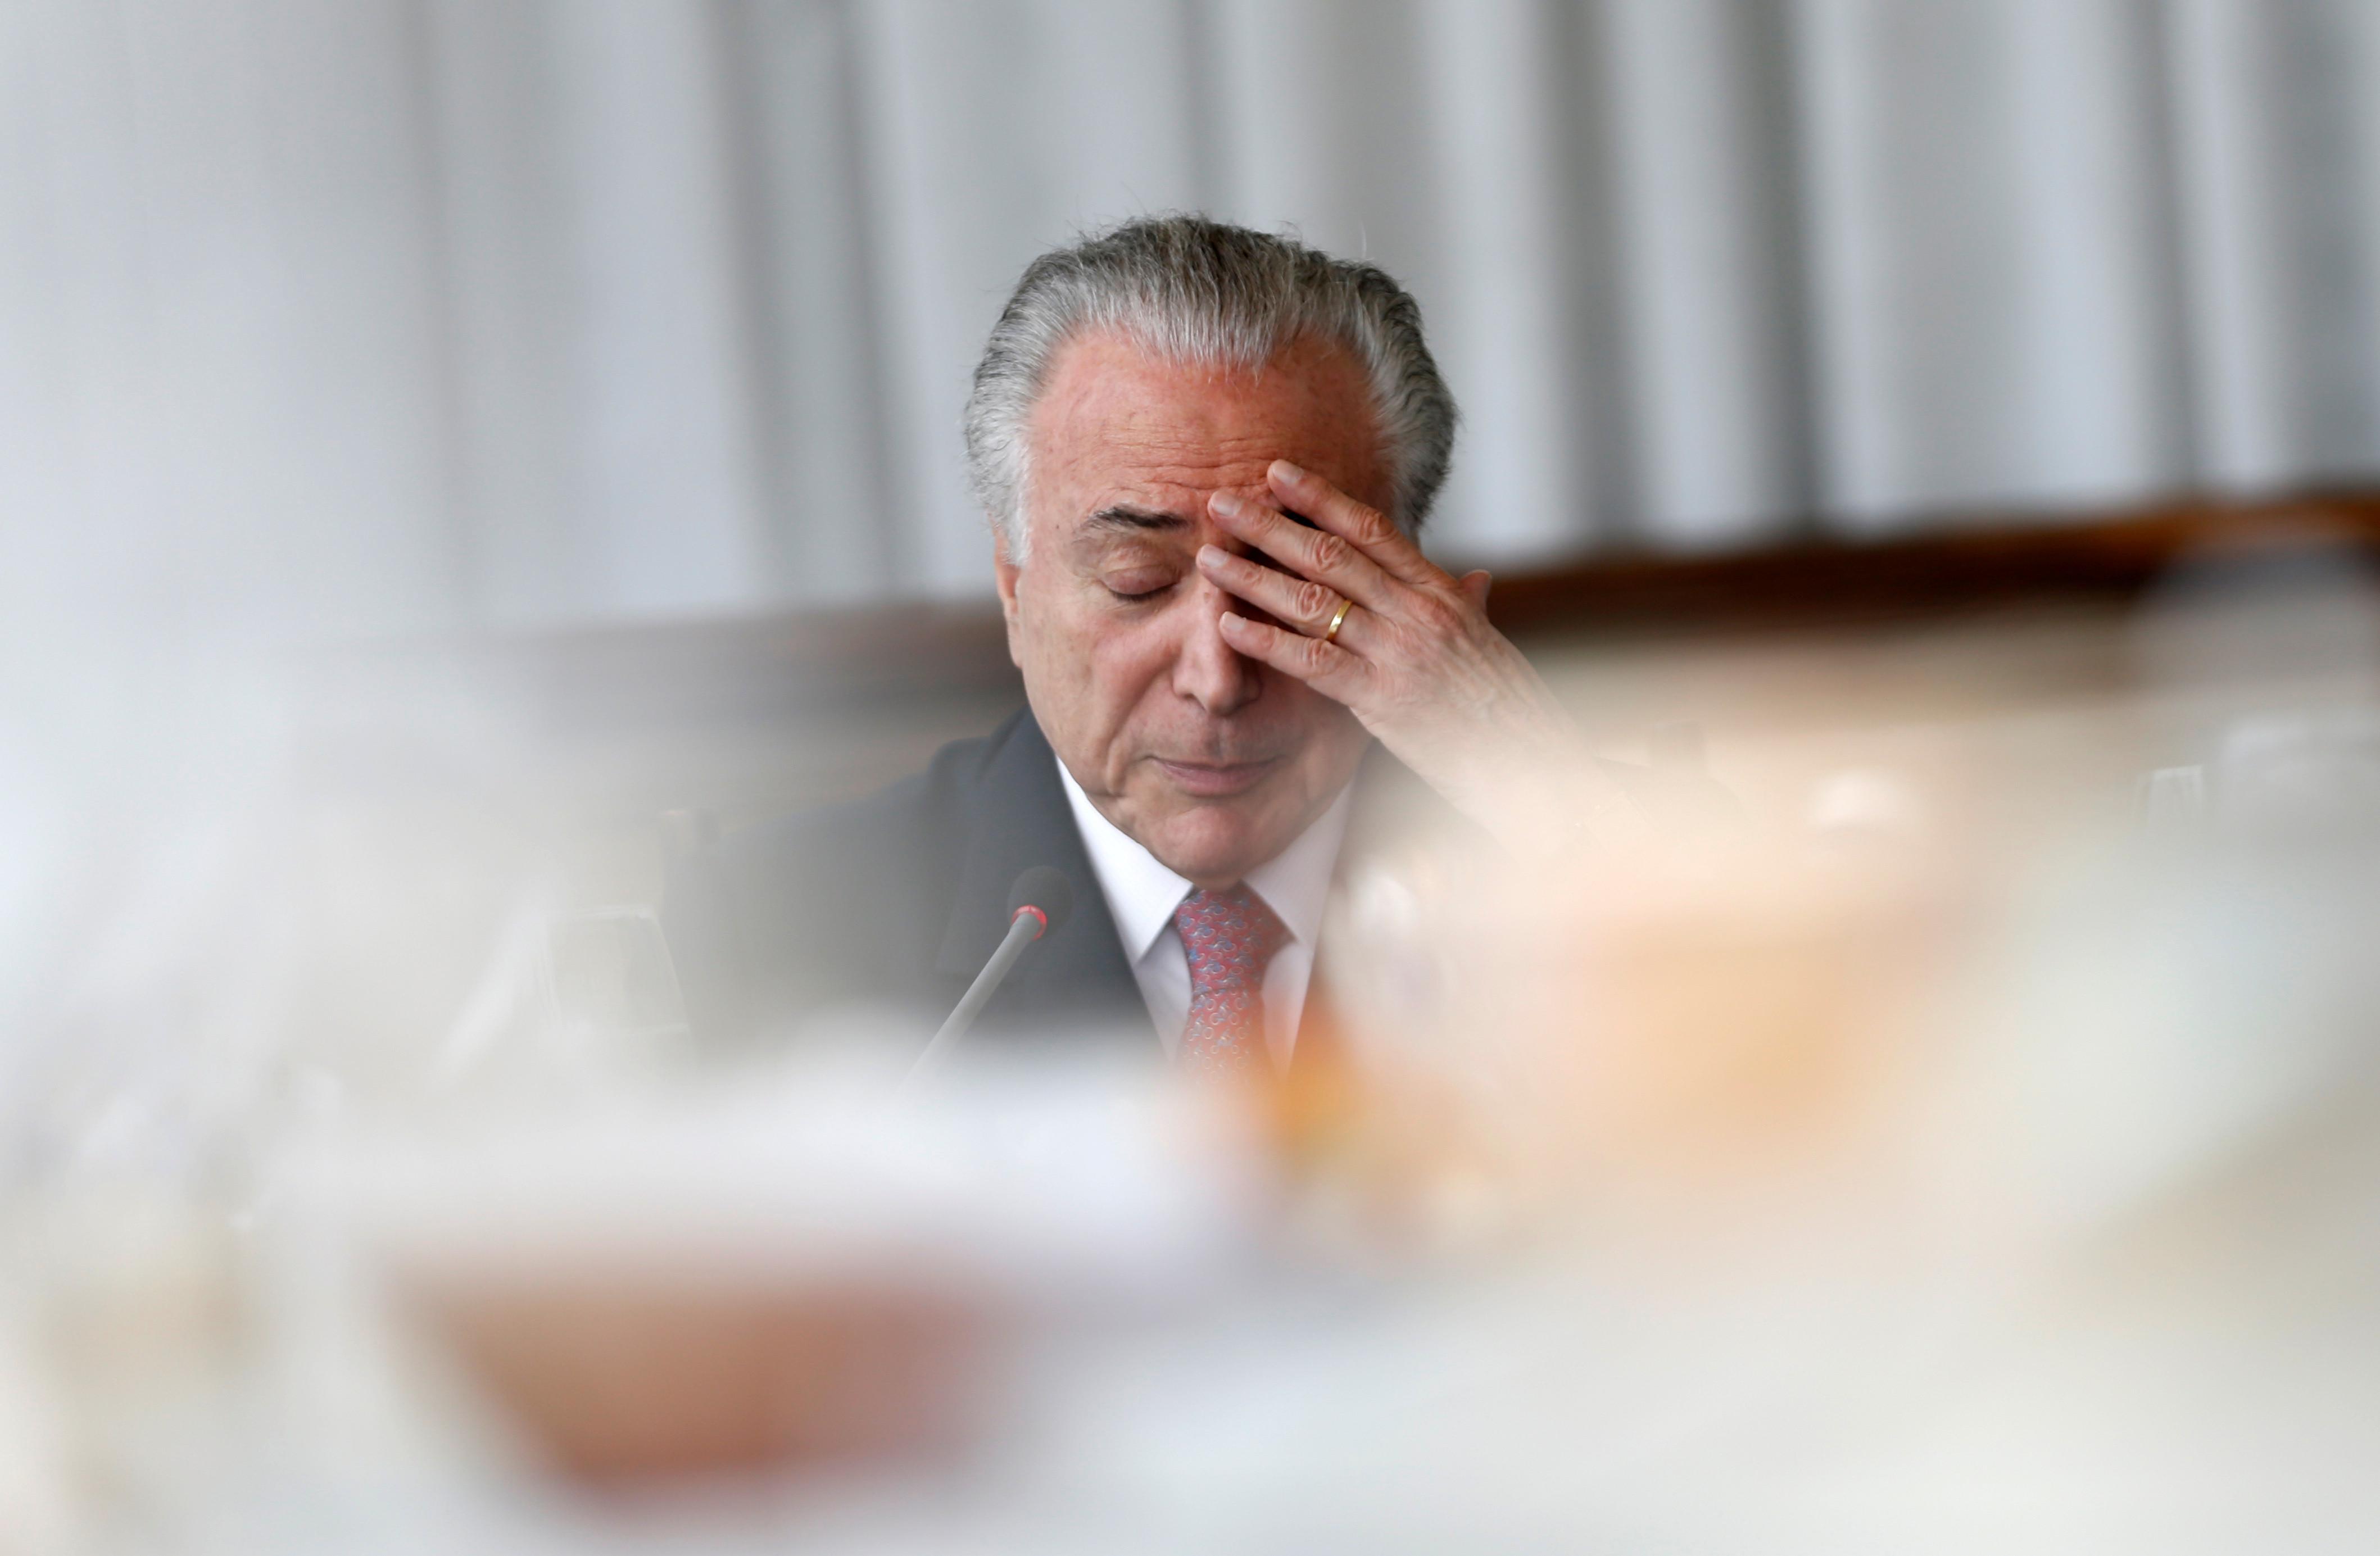 Saiba quais são as investigações contra o ex-presidente Michel Temer